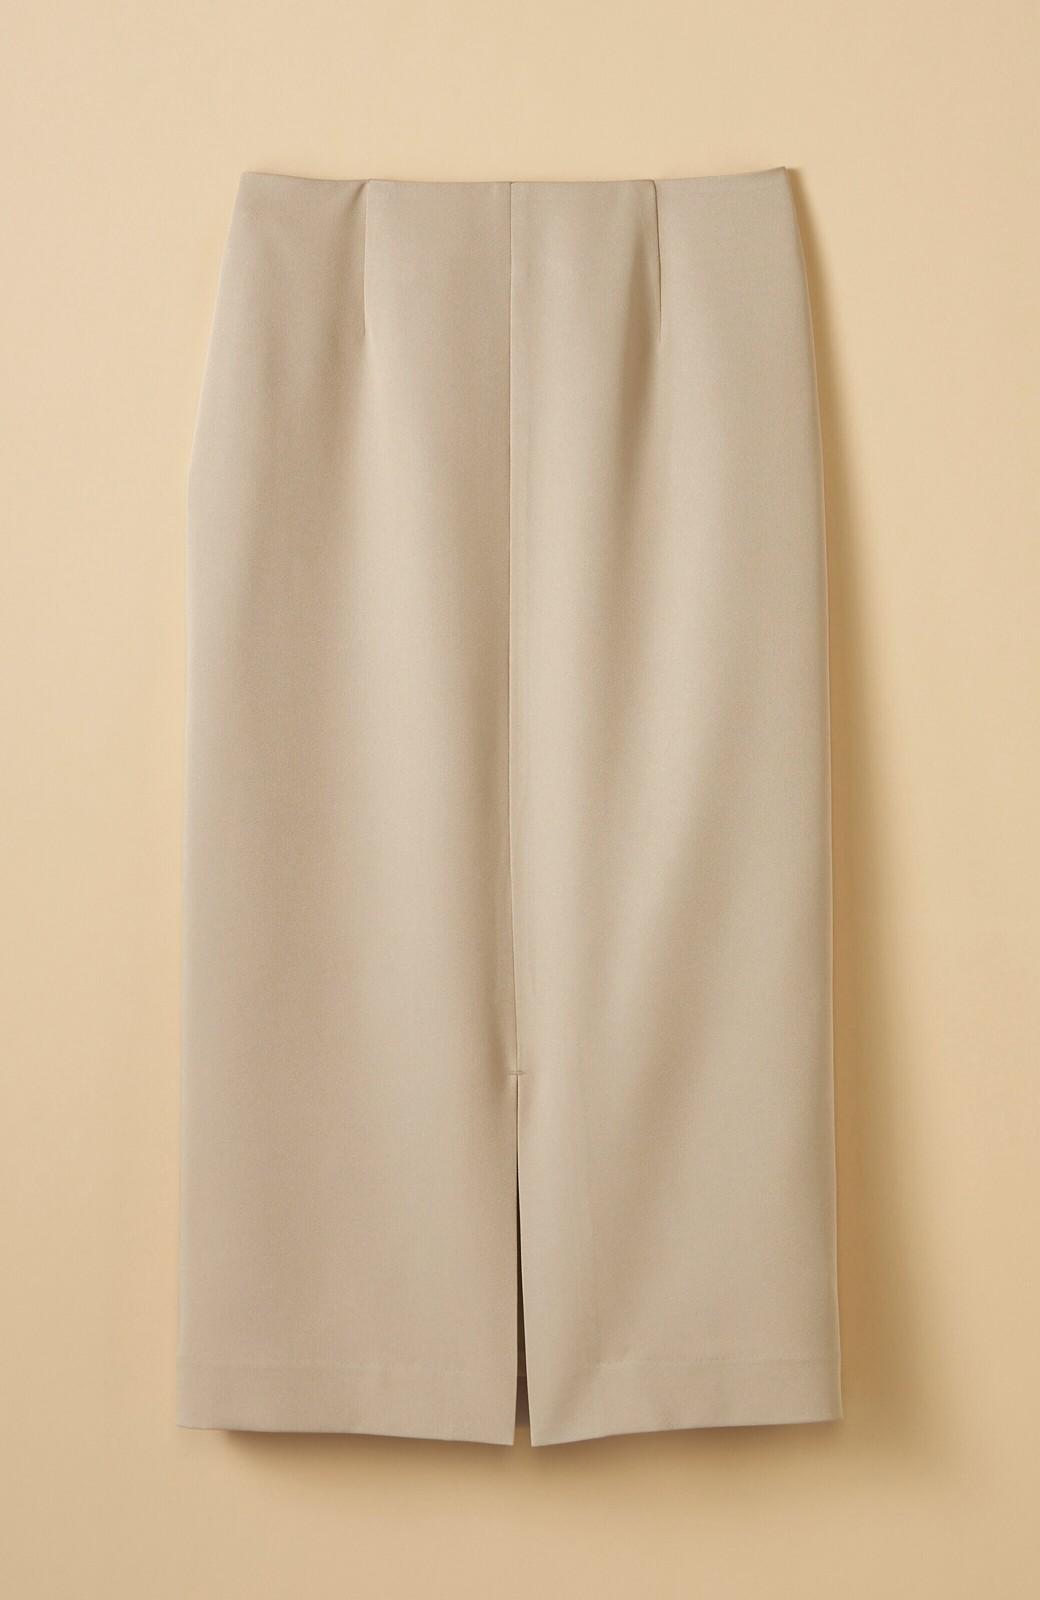 haco! 【シンプル】これさえあればきちんとシーンも怖くない!大人のシンプルジャケット・パンツ・スカート3点セット <ベージュ>の商品写真6